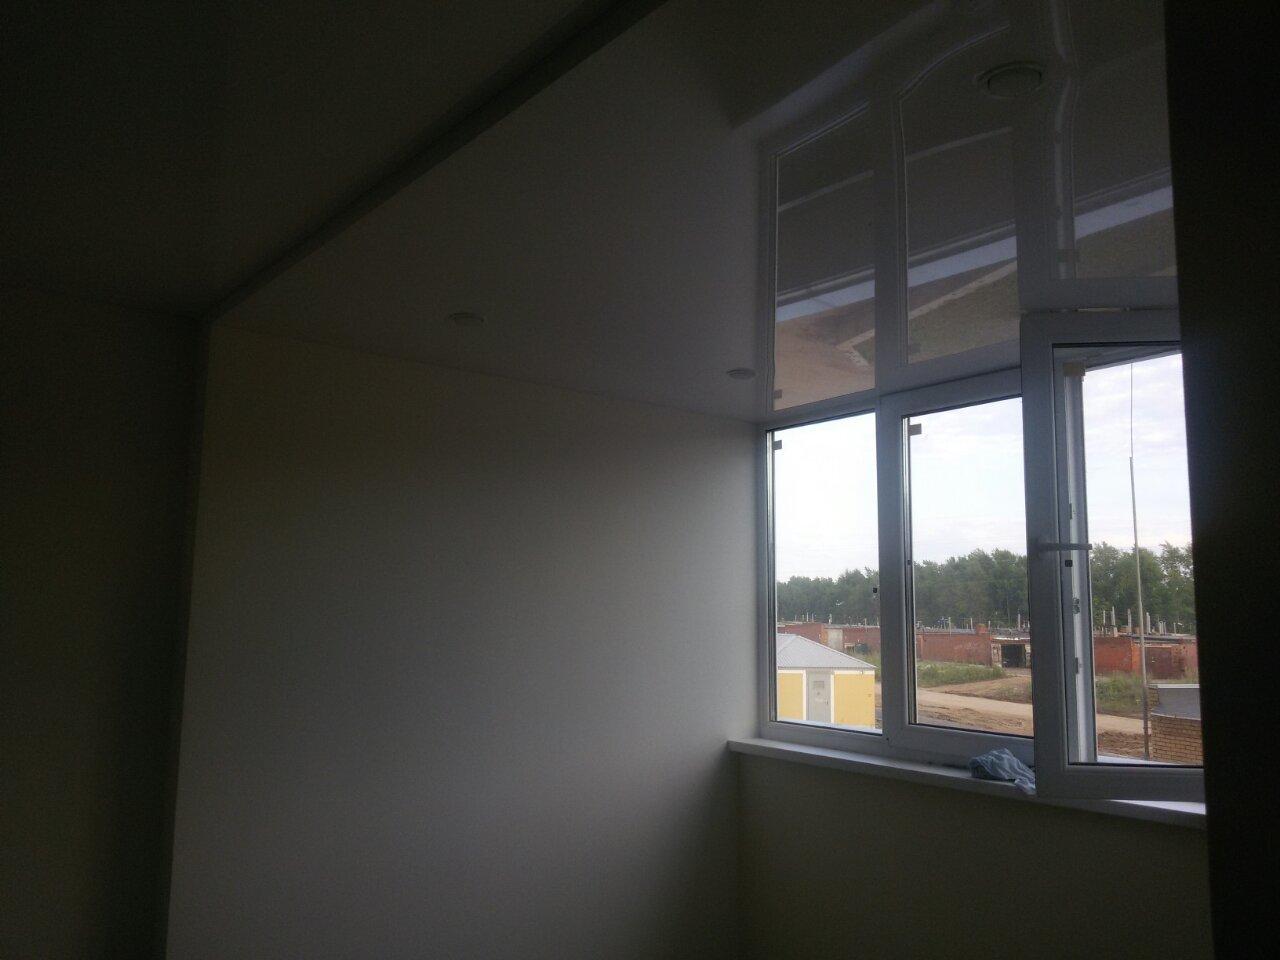 Ремонт квартиры на Асламаса, г. Чебоксары - наша работа